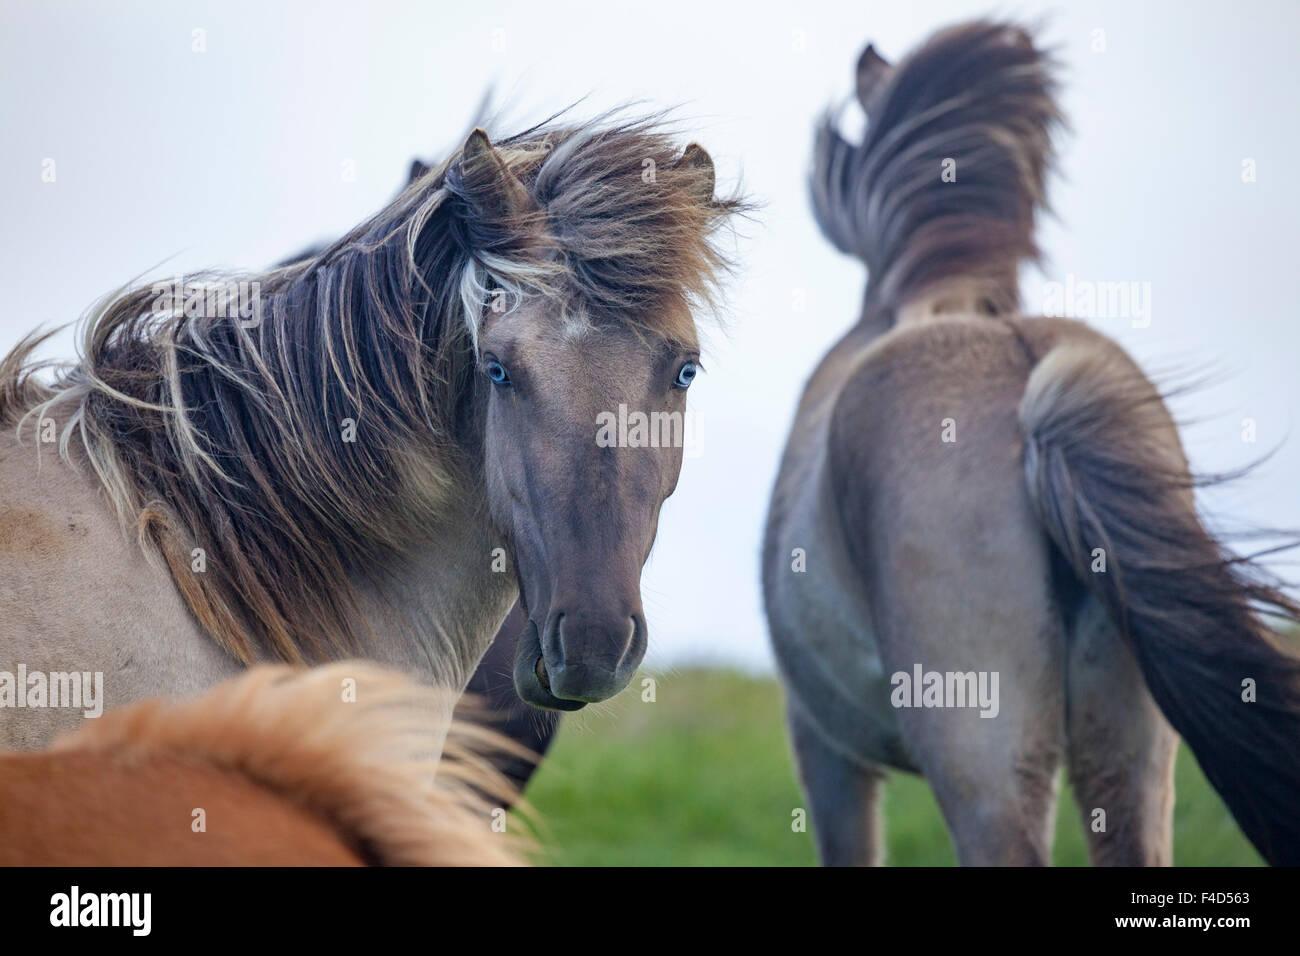 Blue eyed Icelandic horse, Nordhurland Vestra, Iceland. - Stock Image